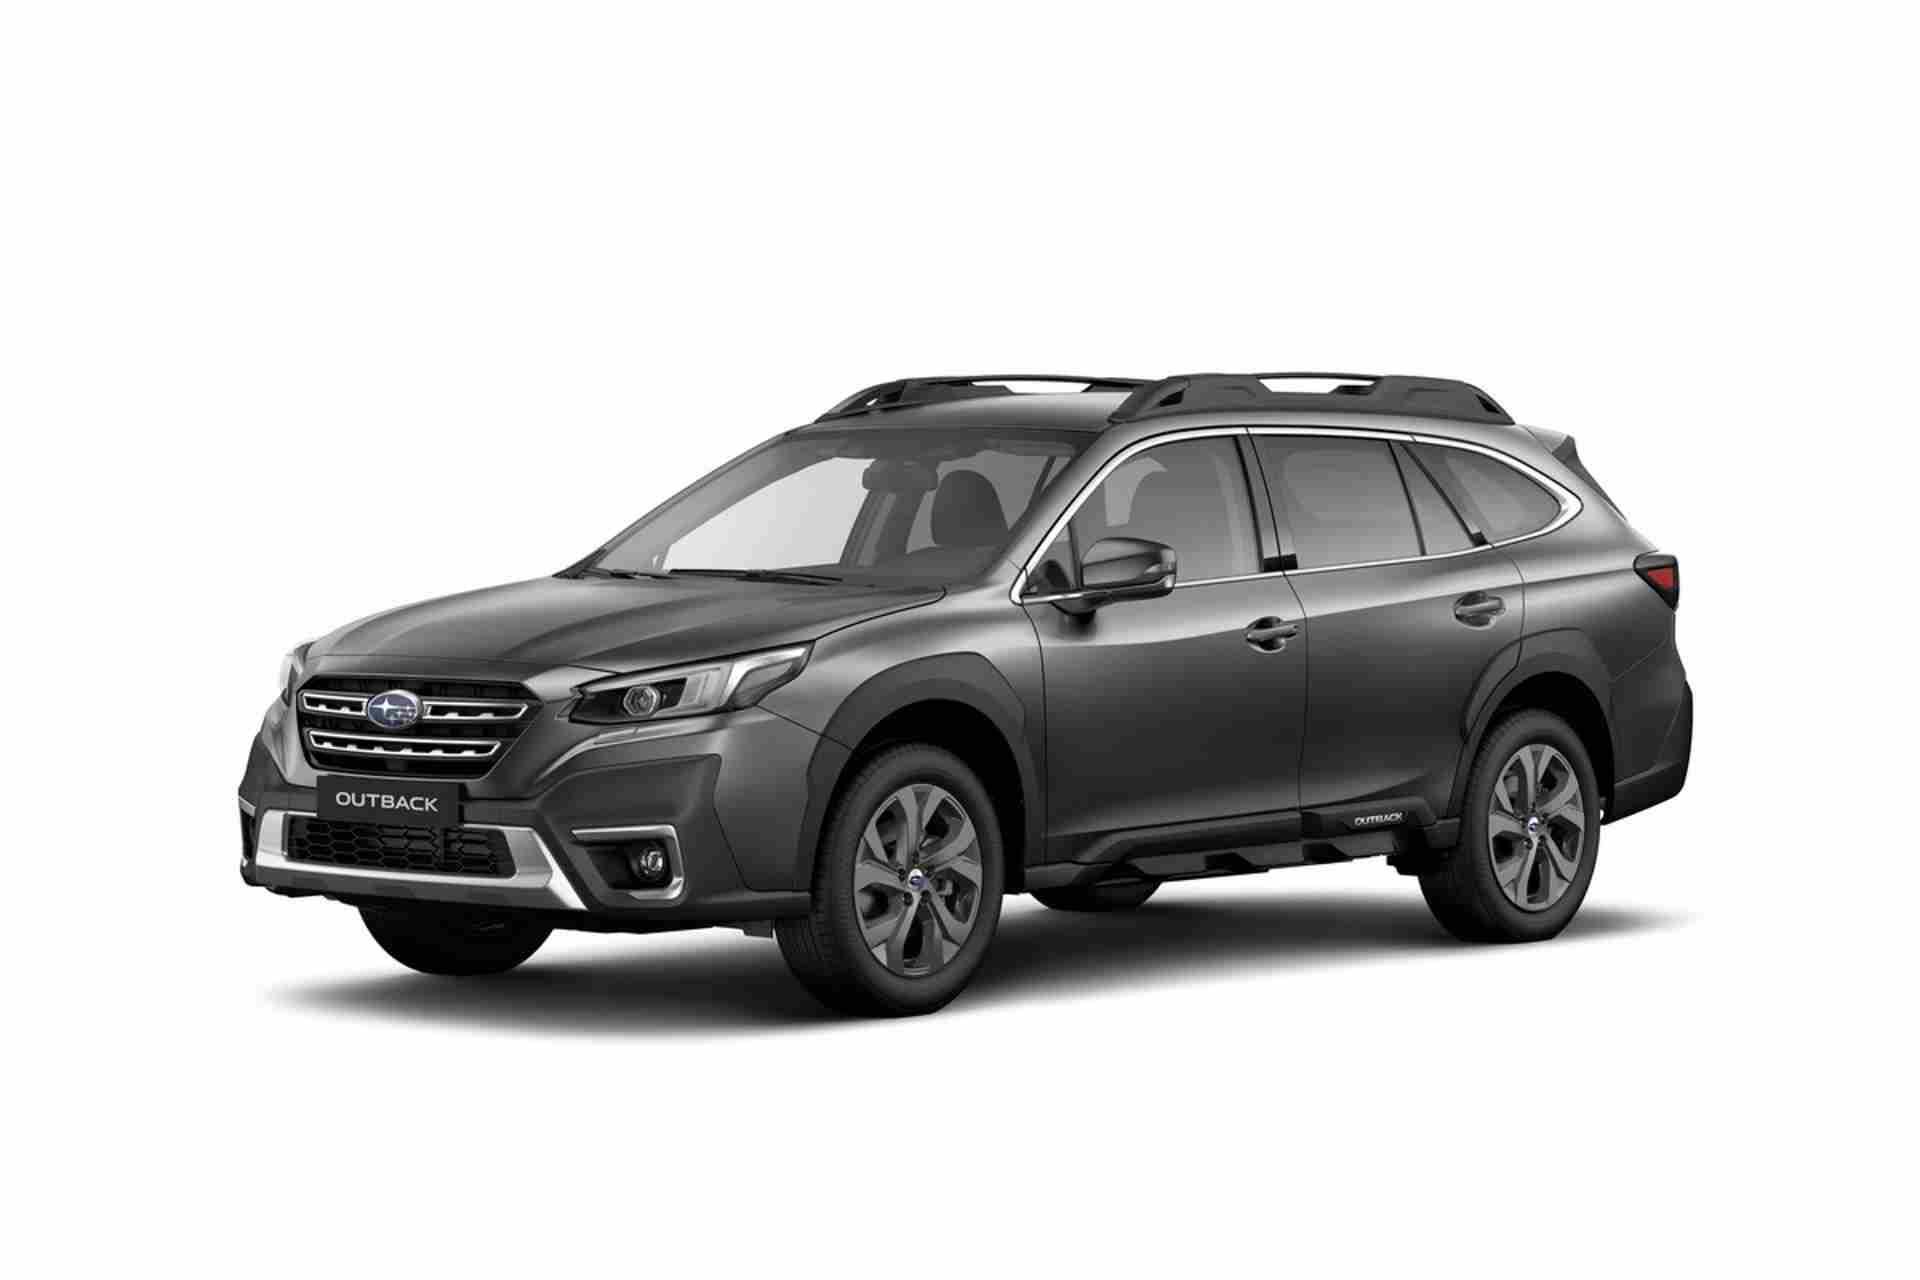 Subaru_Outback-greek_0005